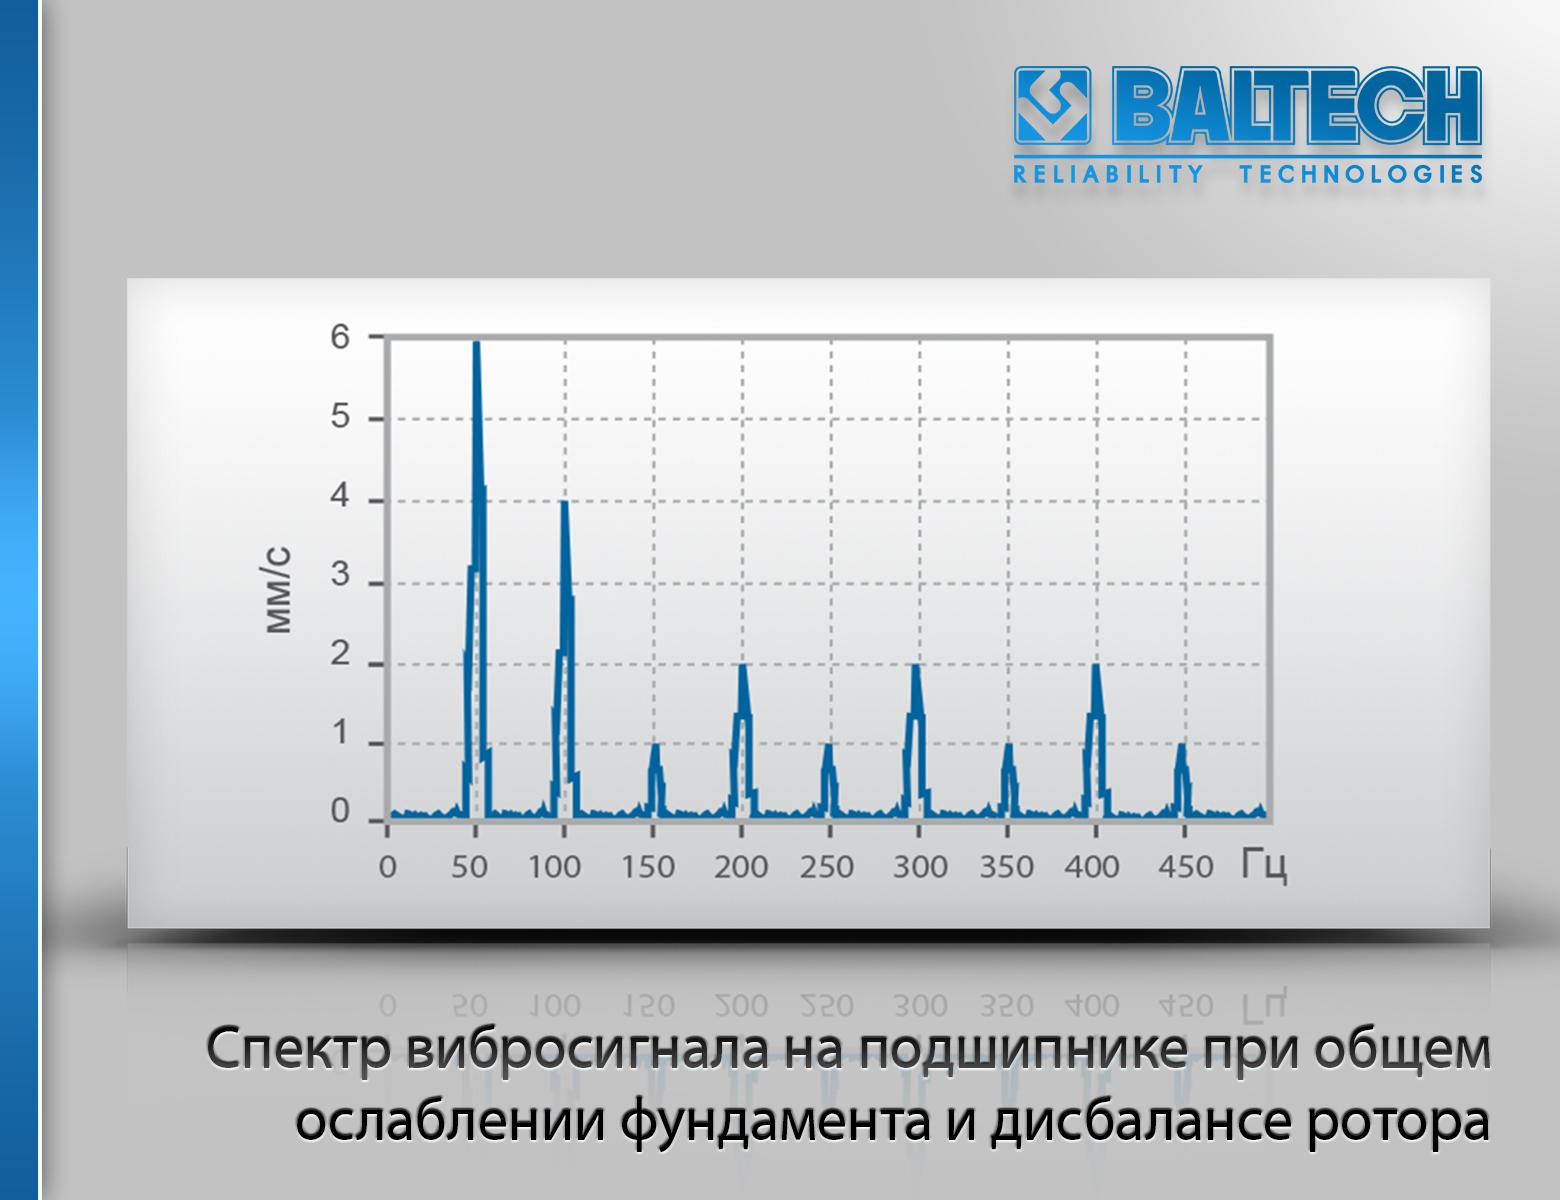 Спектр вибросигнала на подшипнике при общем ослаблении фундамента и дисбалансе ротора